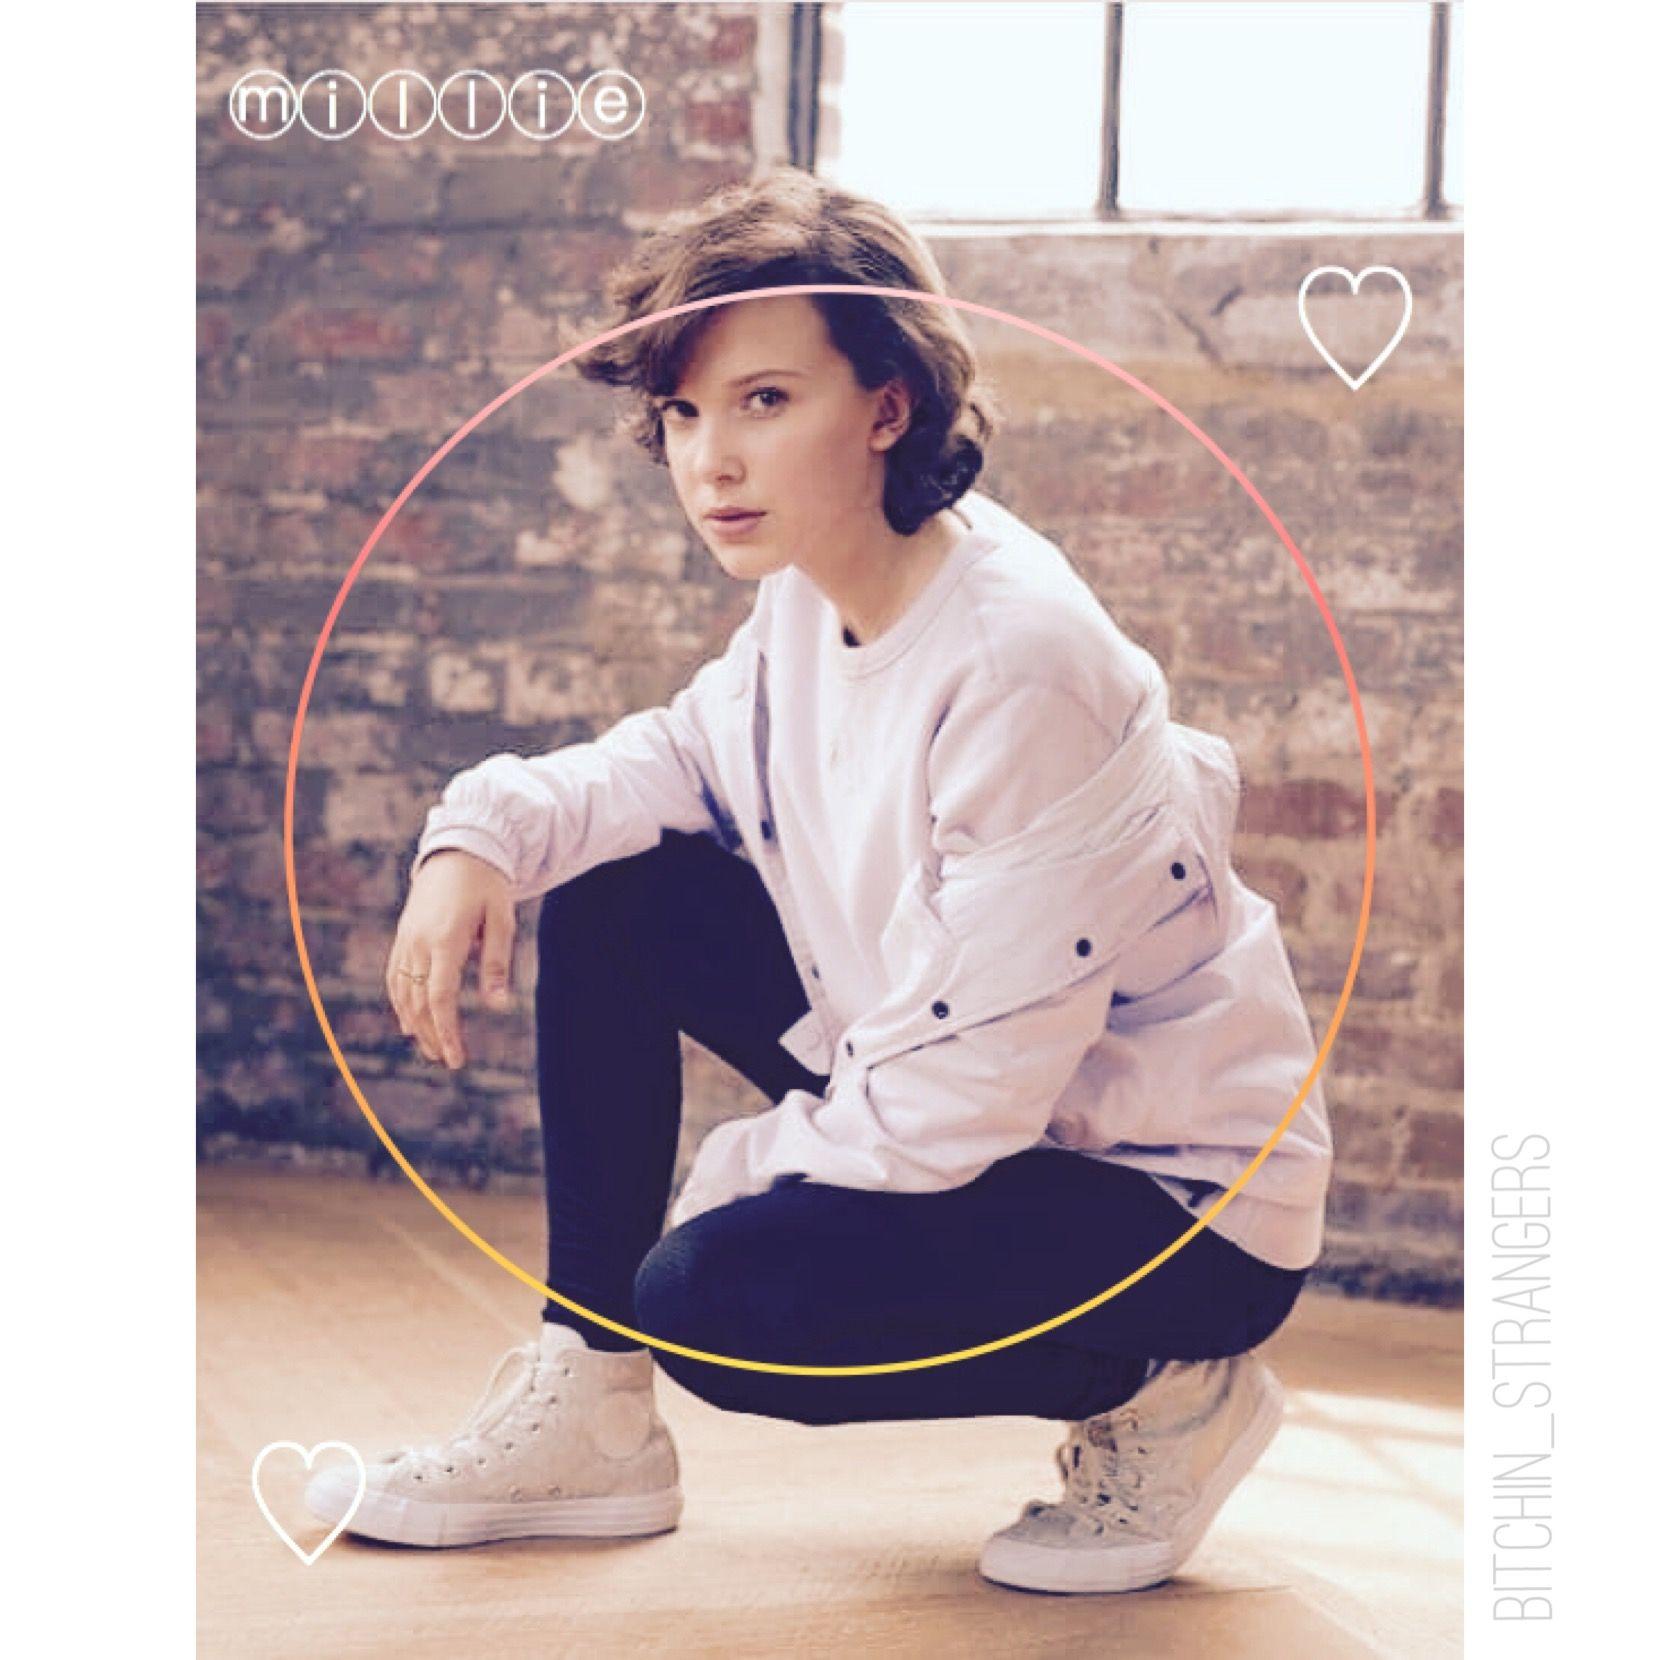 Millie Modeling For Converse Temporadas 2 Temporada